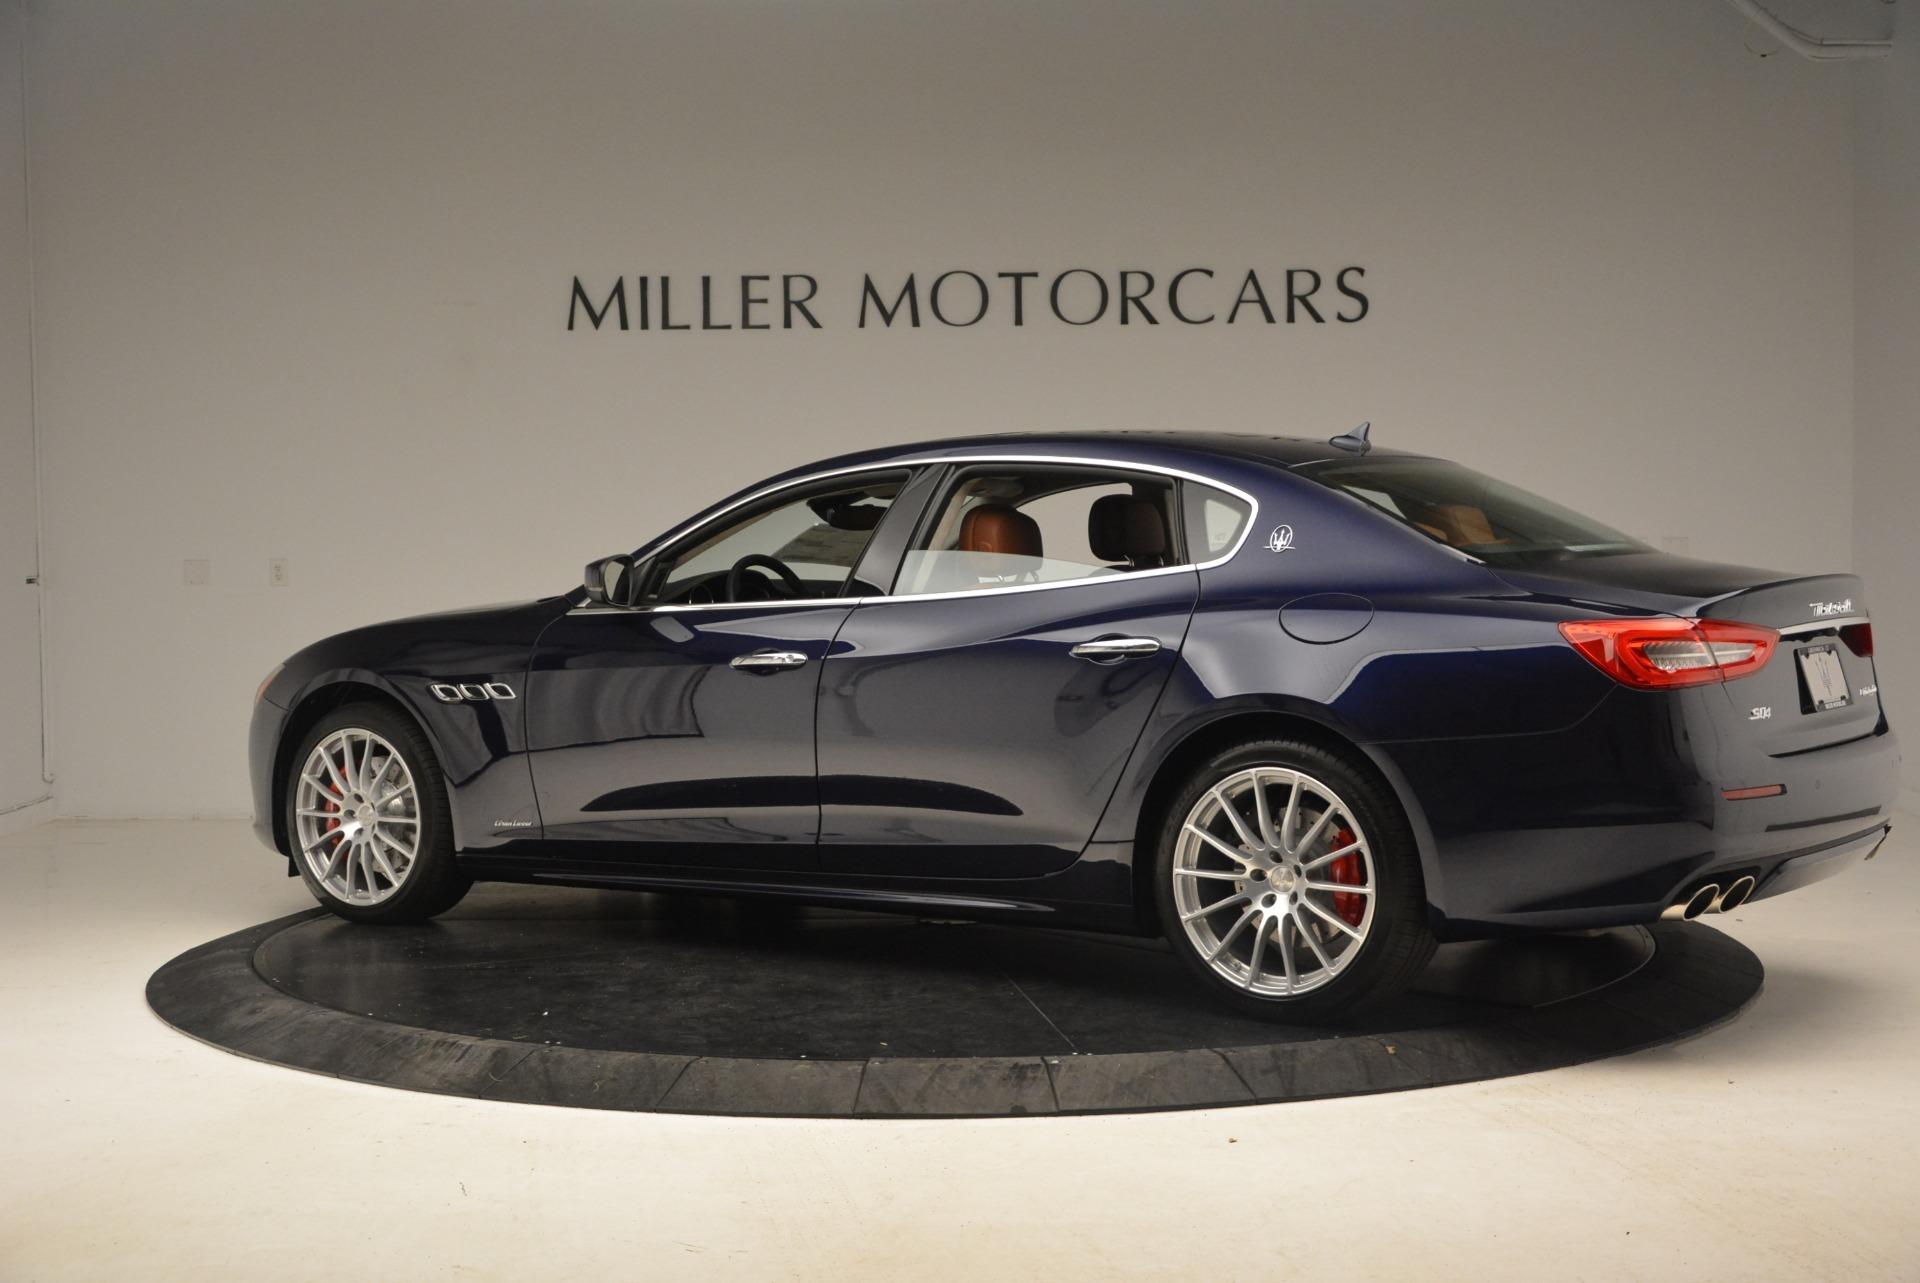 New 2019 Maserati Quattroporte S Q4 GranSport For Sale In Greenwich, CT 2591_p4